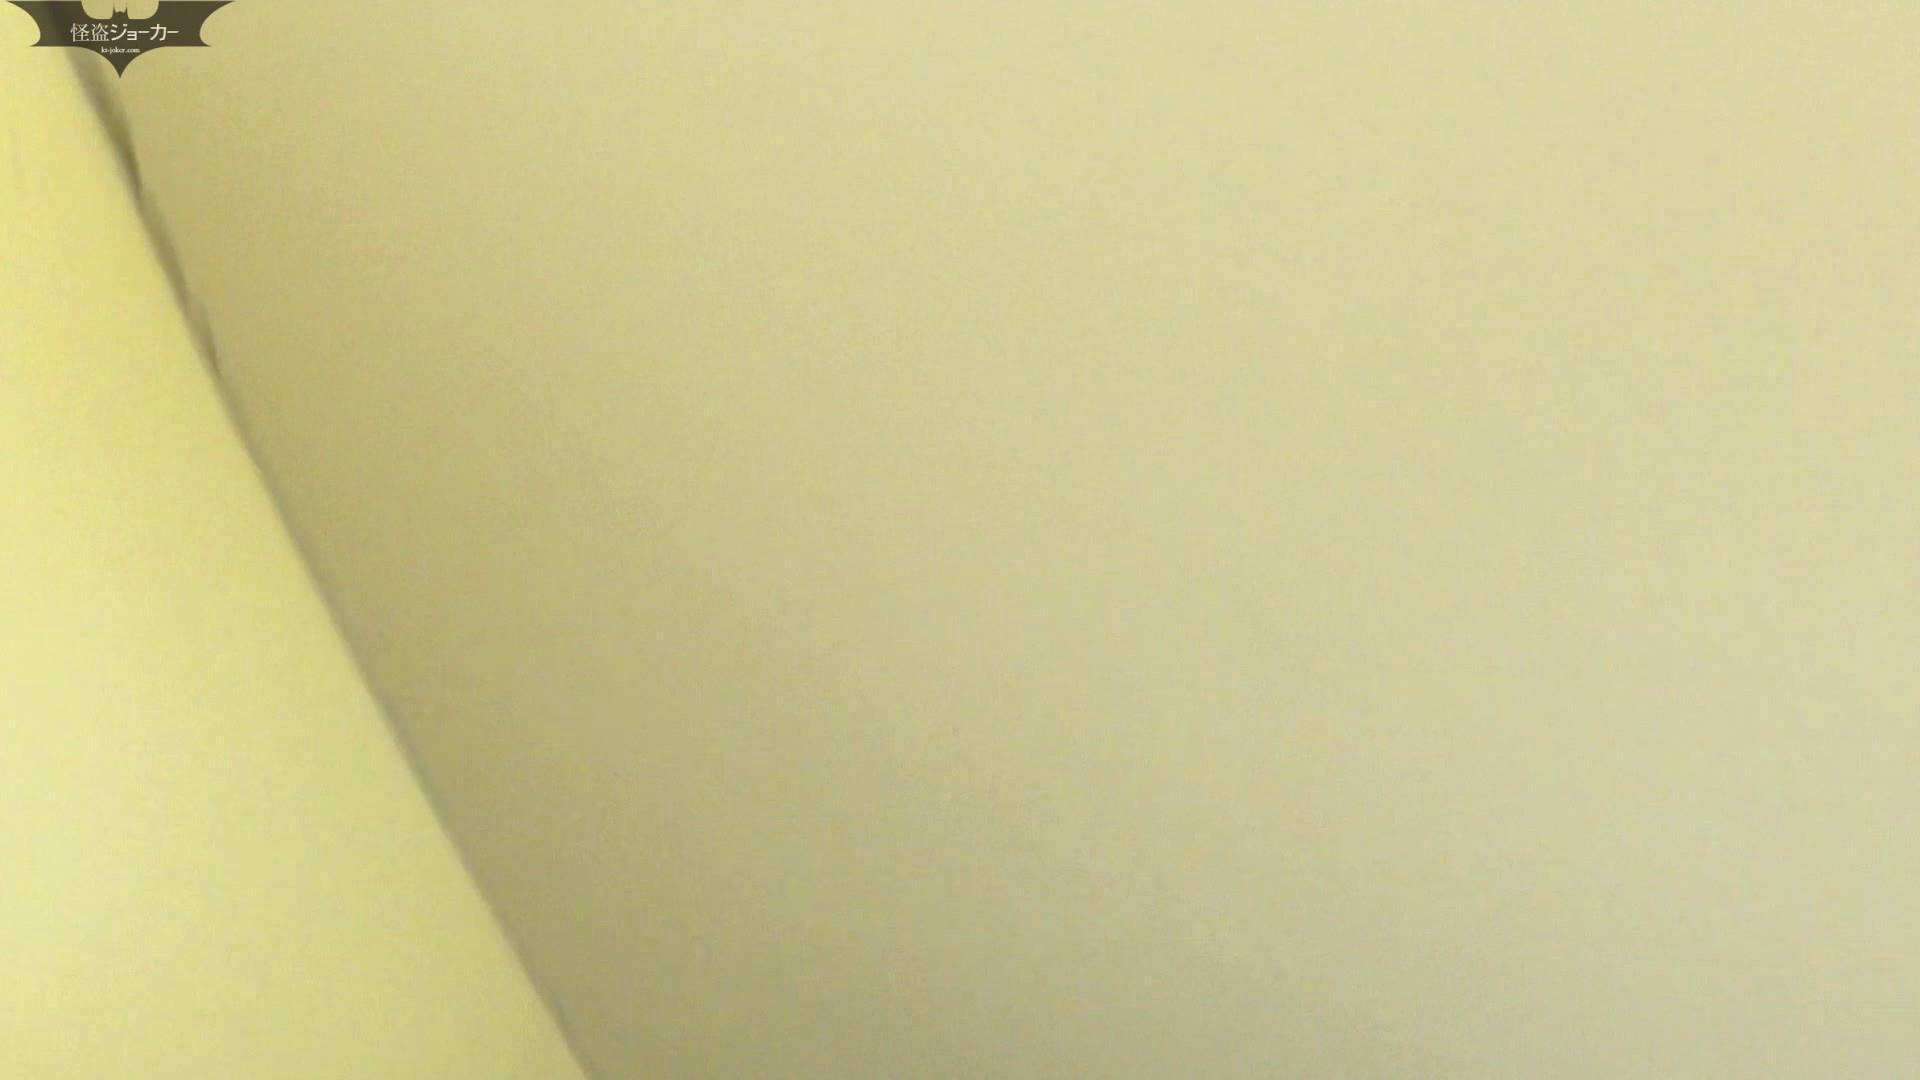 無修正エロ動画|至近距離洗面所 Vol.04 GALに学服お顔もばっちり!!|怪盗ジョーカー